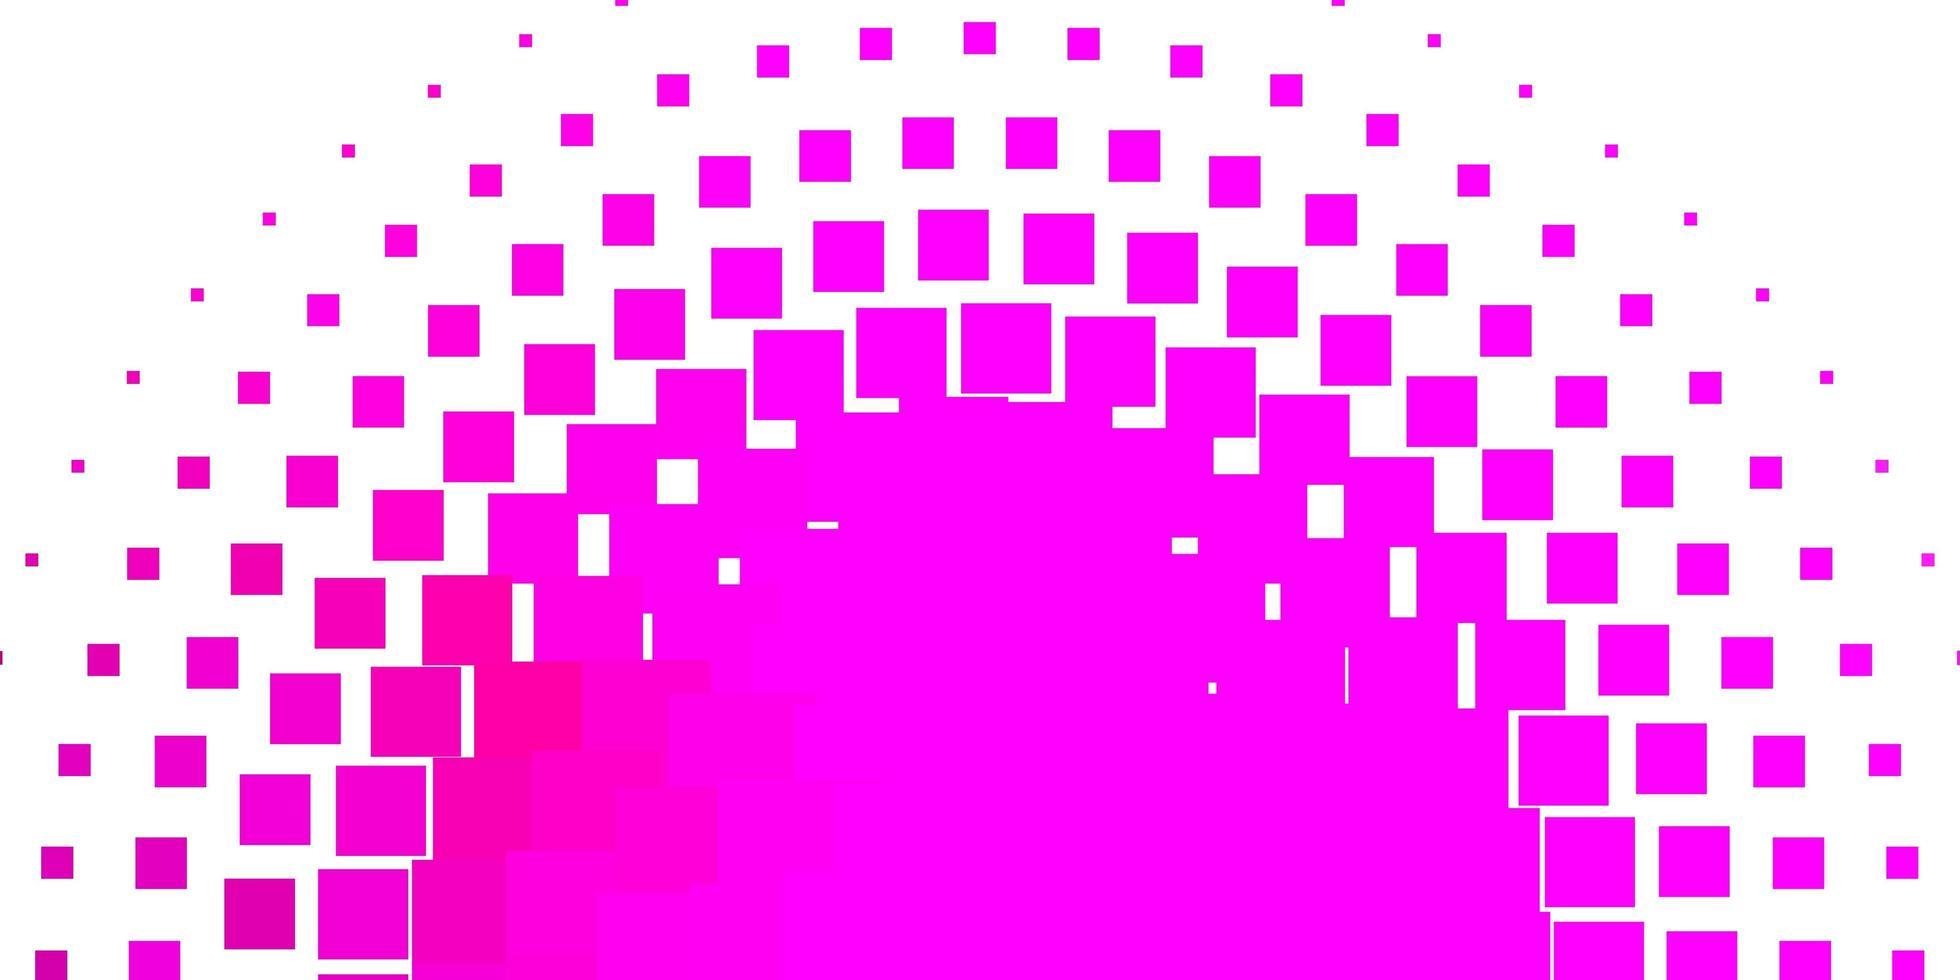 modello vettoriale rosa chiaro in stile quadrato.